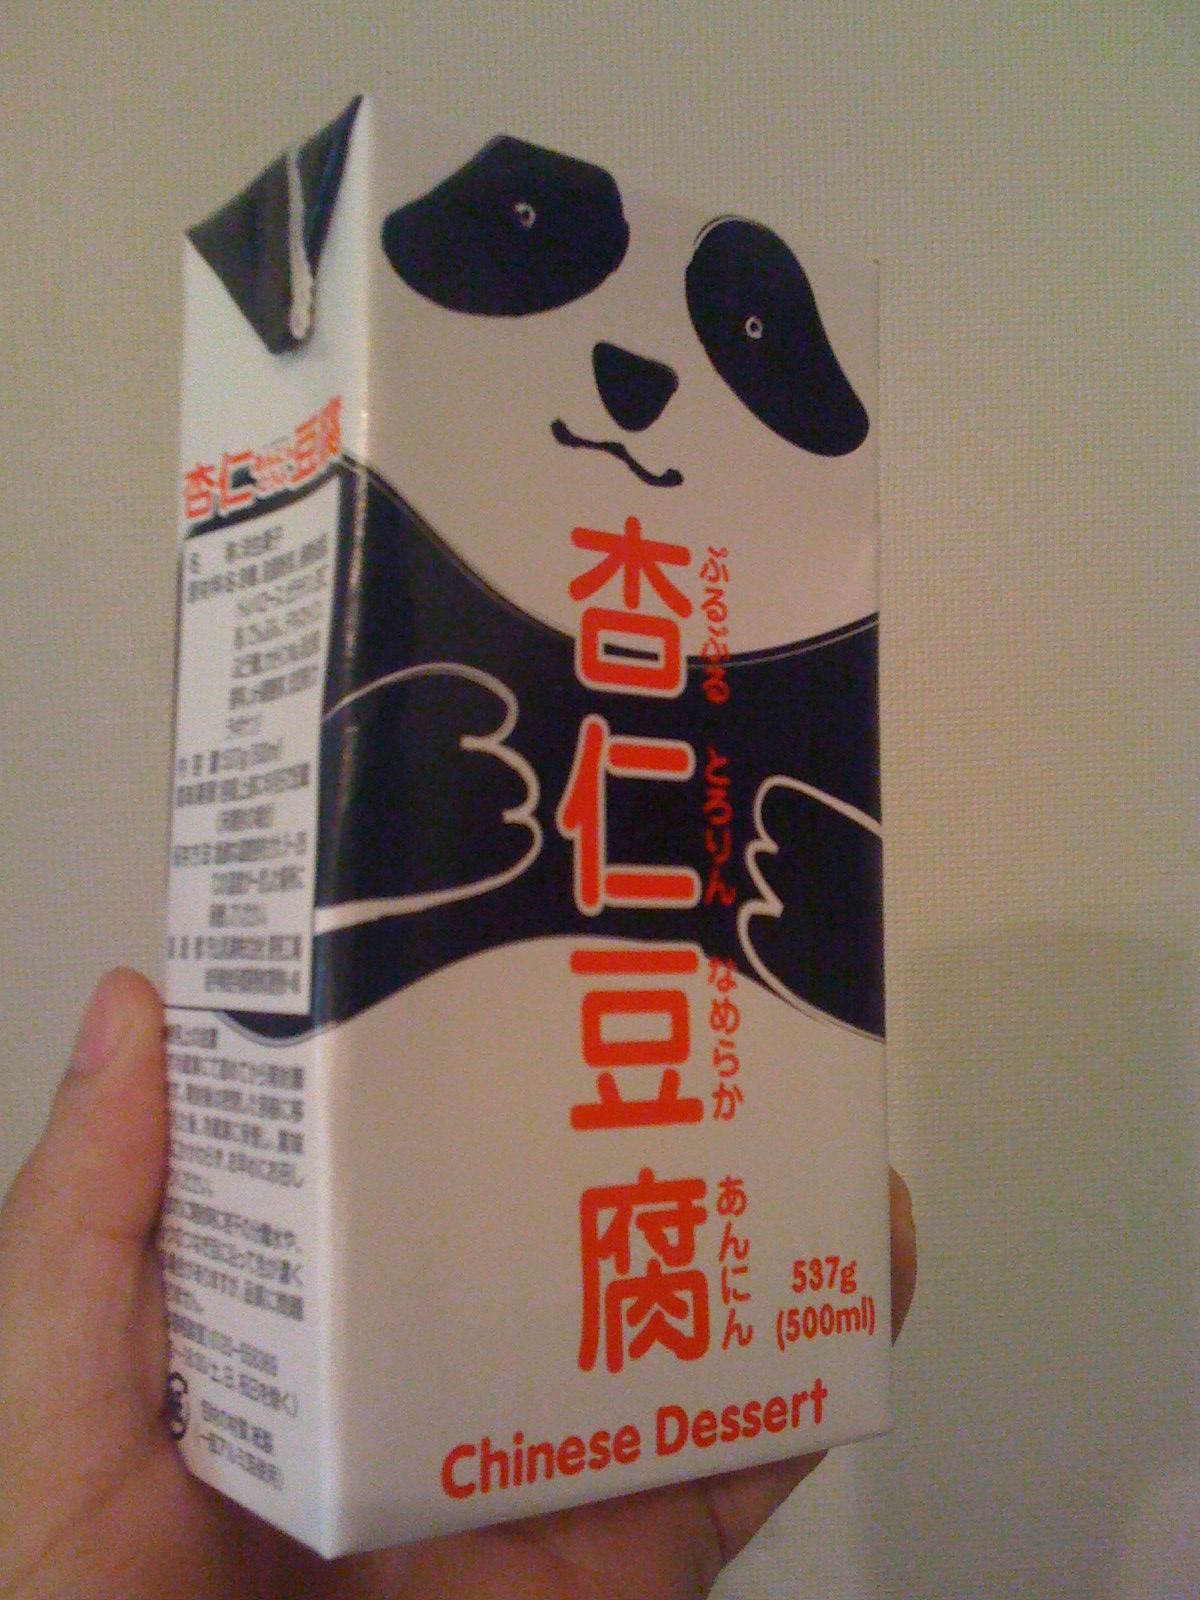 http://hakoda.jp/blog/2009/03/14/IMG_0475.jpg